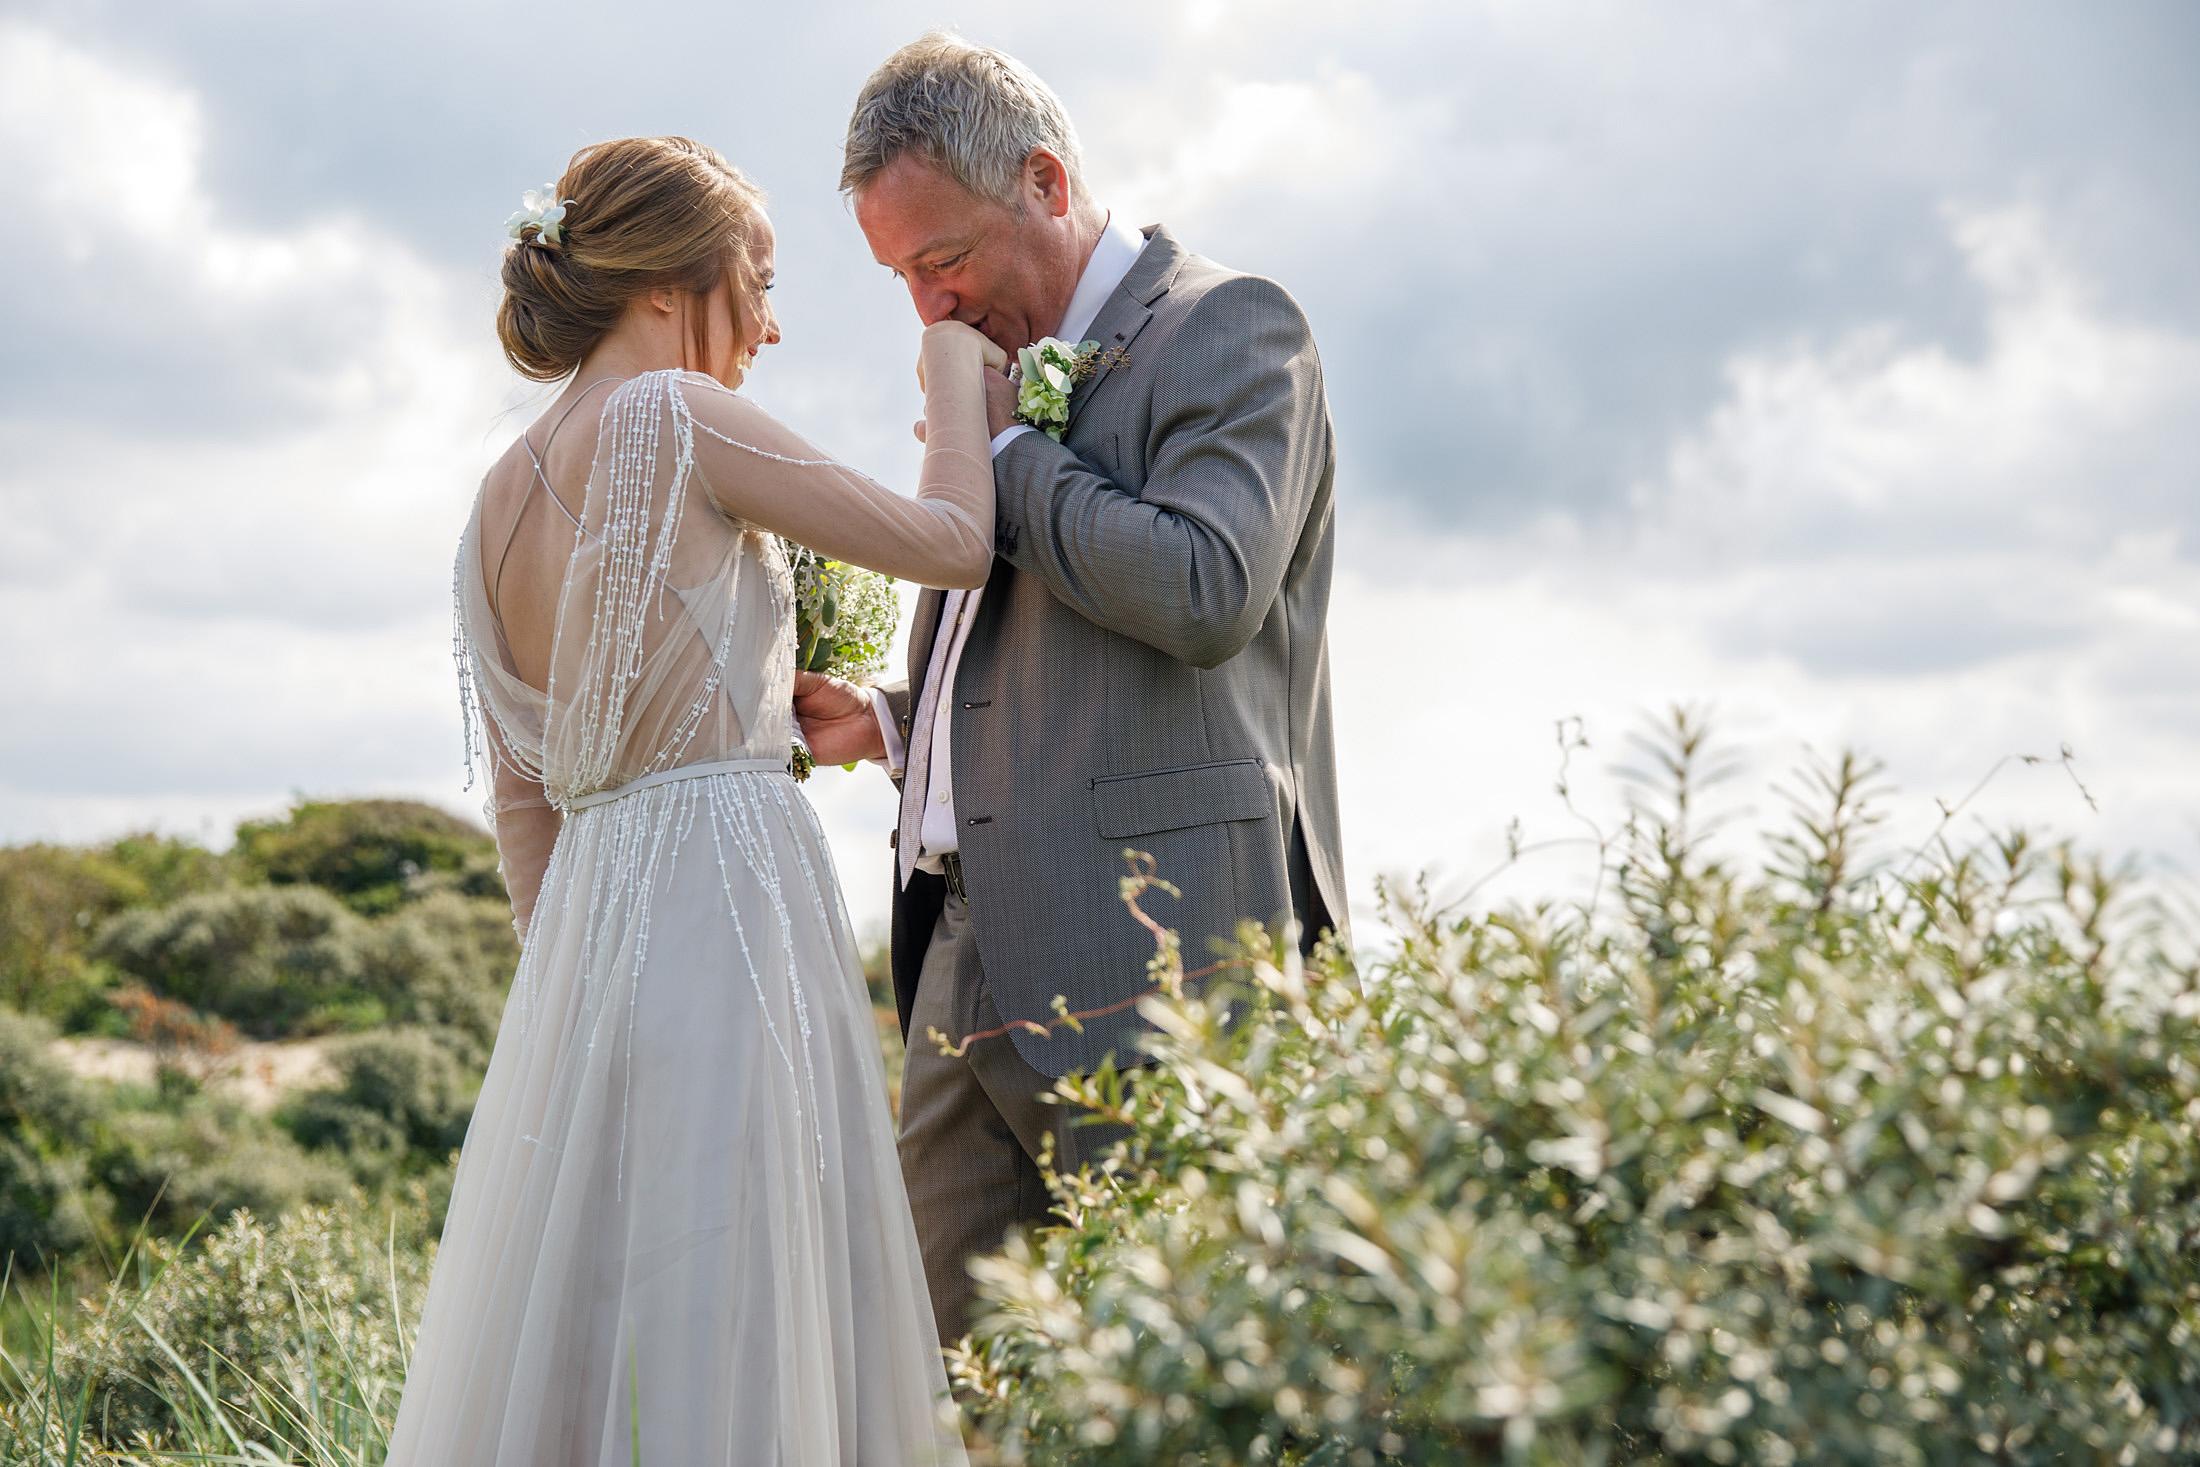 13-ontmoeting-bruidspaar-first-look